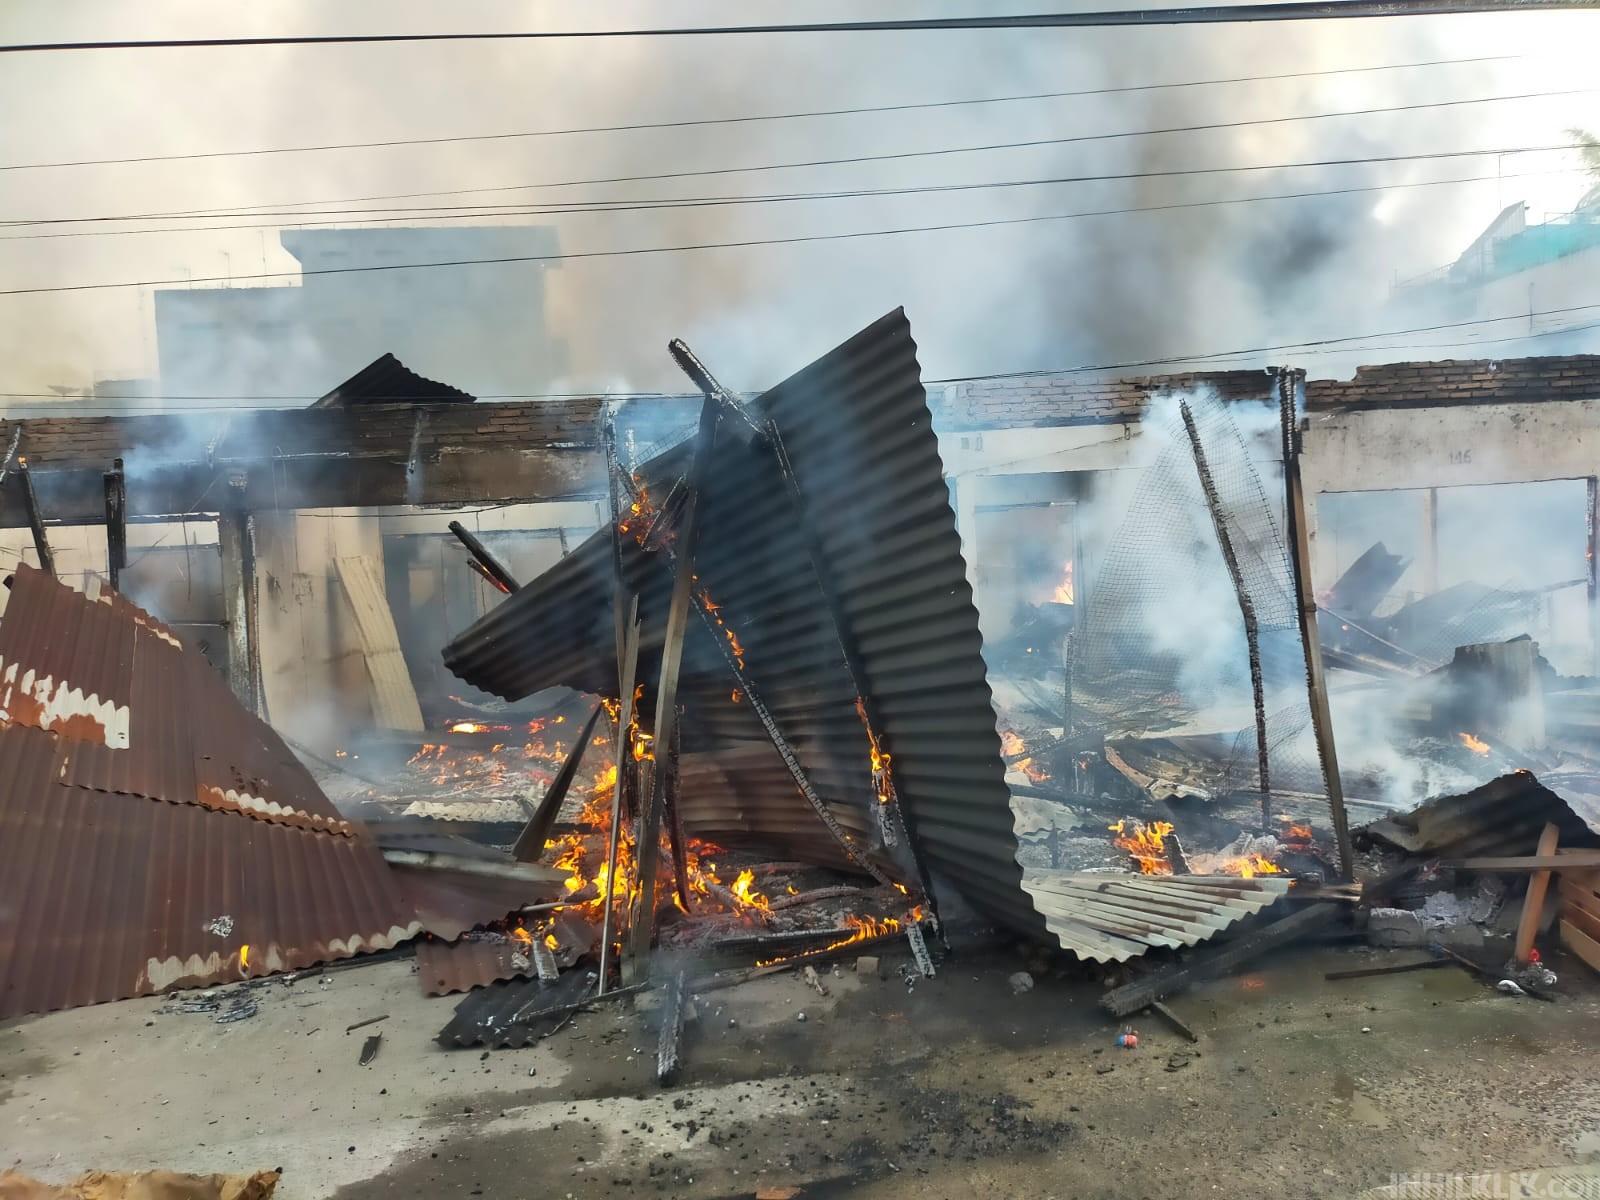 BREAKING NEWS: Pajak Lama Perbaungan Alami Kebakaran Hebat